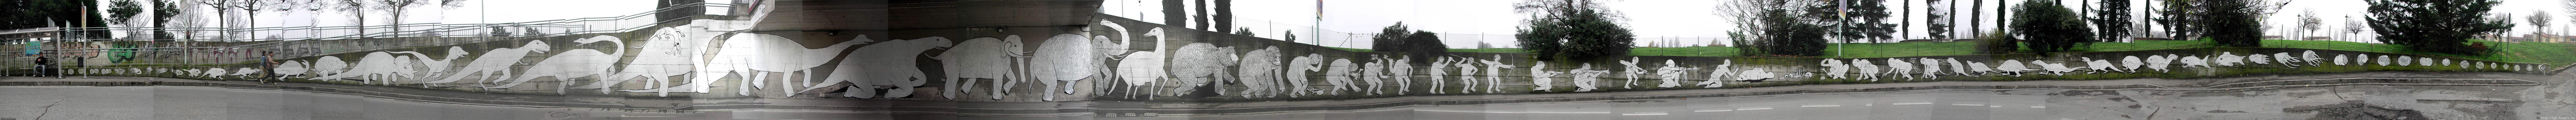 evolution-graffiti-02